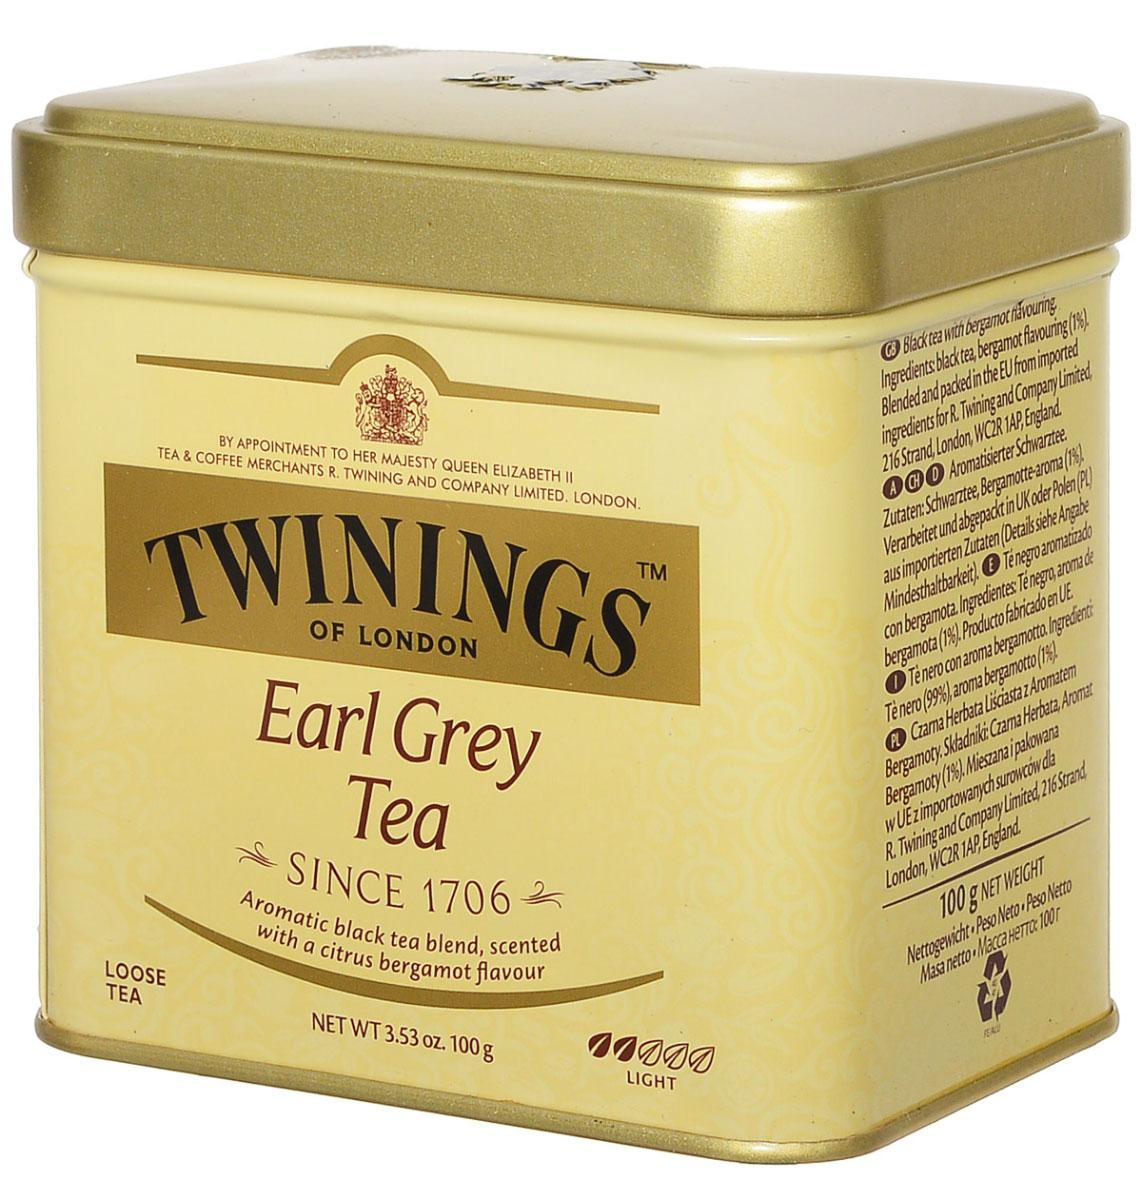 Twinings Earl Grey чай черный листовой, 100 г101246Черный чай Twinings Earl Grey является неотъемлемой частью традиционного английского чаепития.Насыщенный черный чай, ароматизированный натуральным маслом из кожуры бергамота, дает яркий настой со сладким ароматом и цитрусовым привкусом.